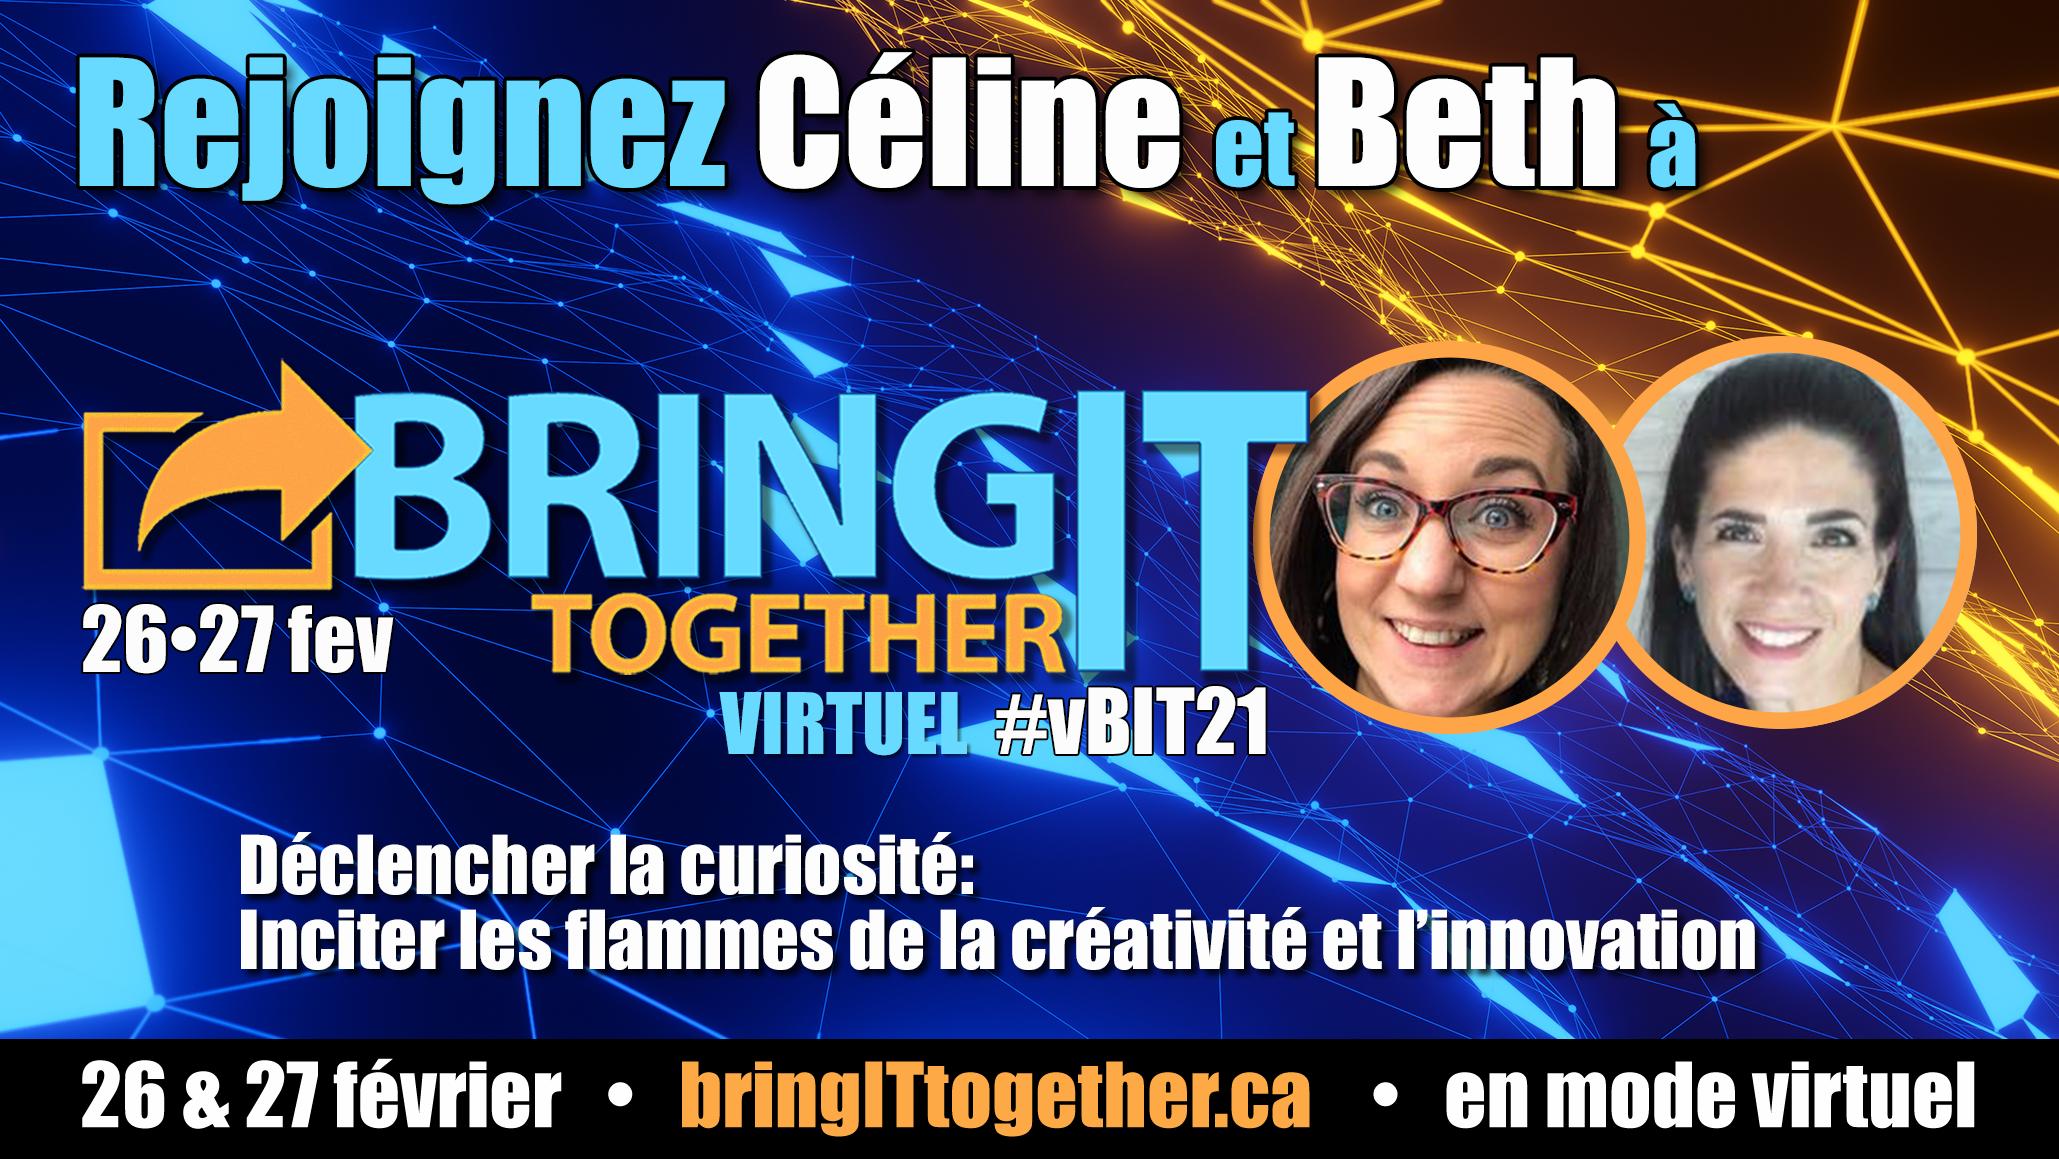 vBIT21_Celine-Beth_FR